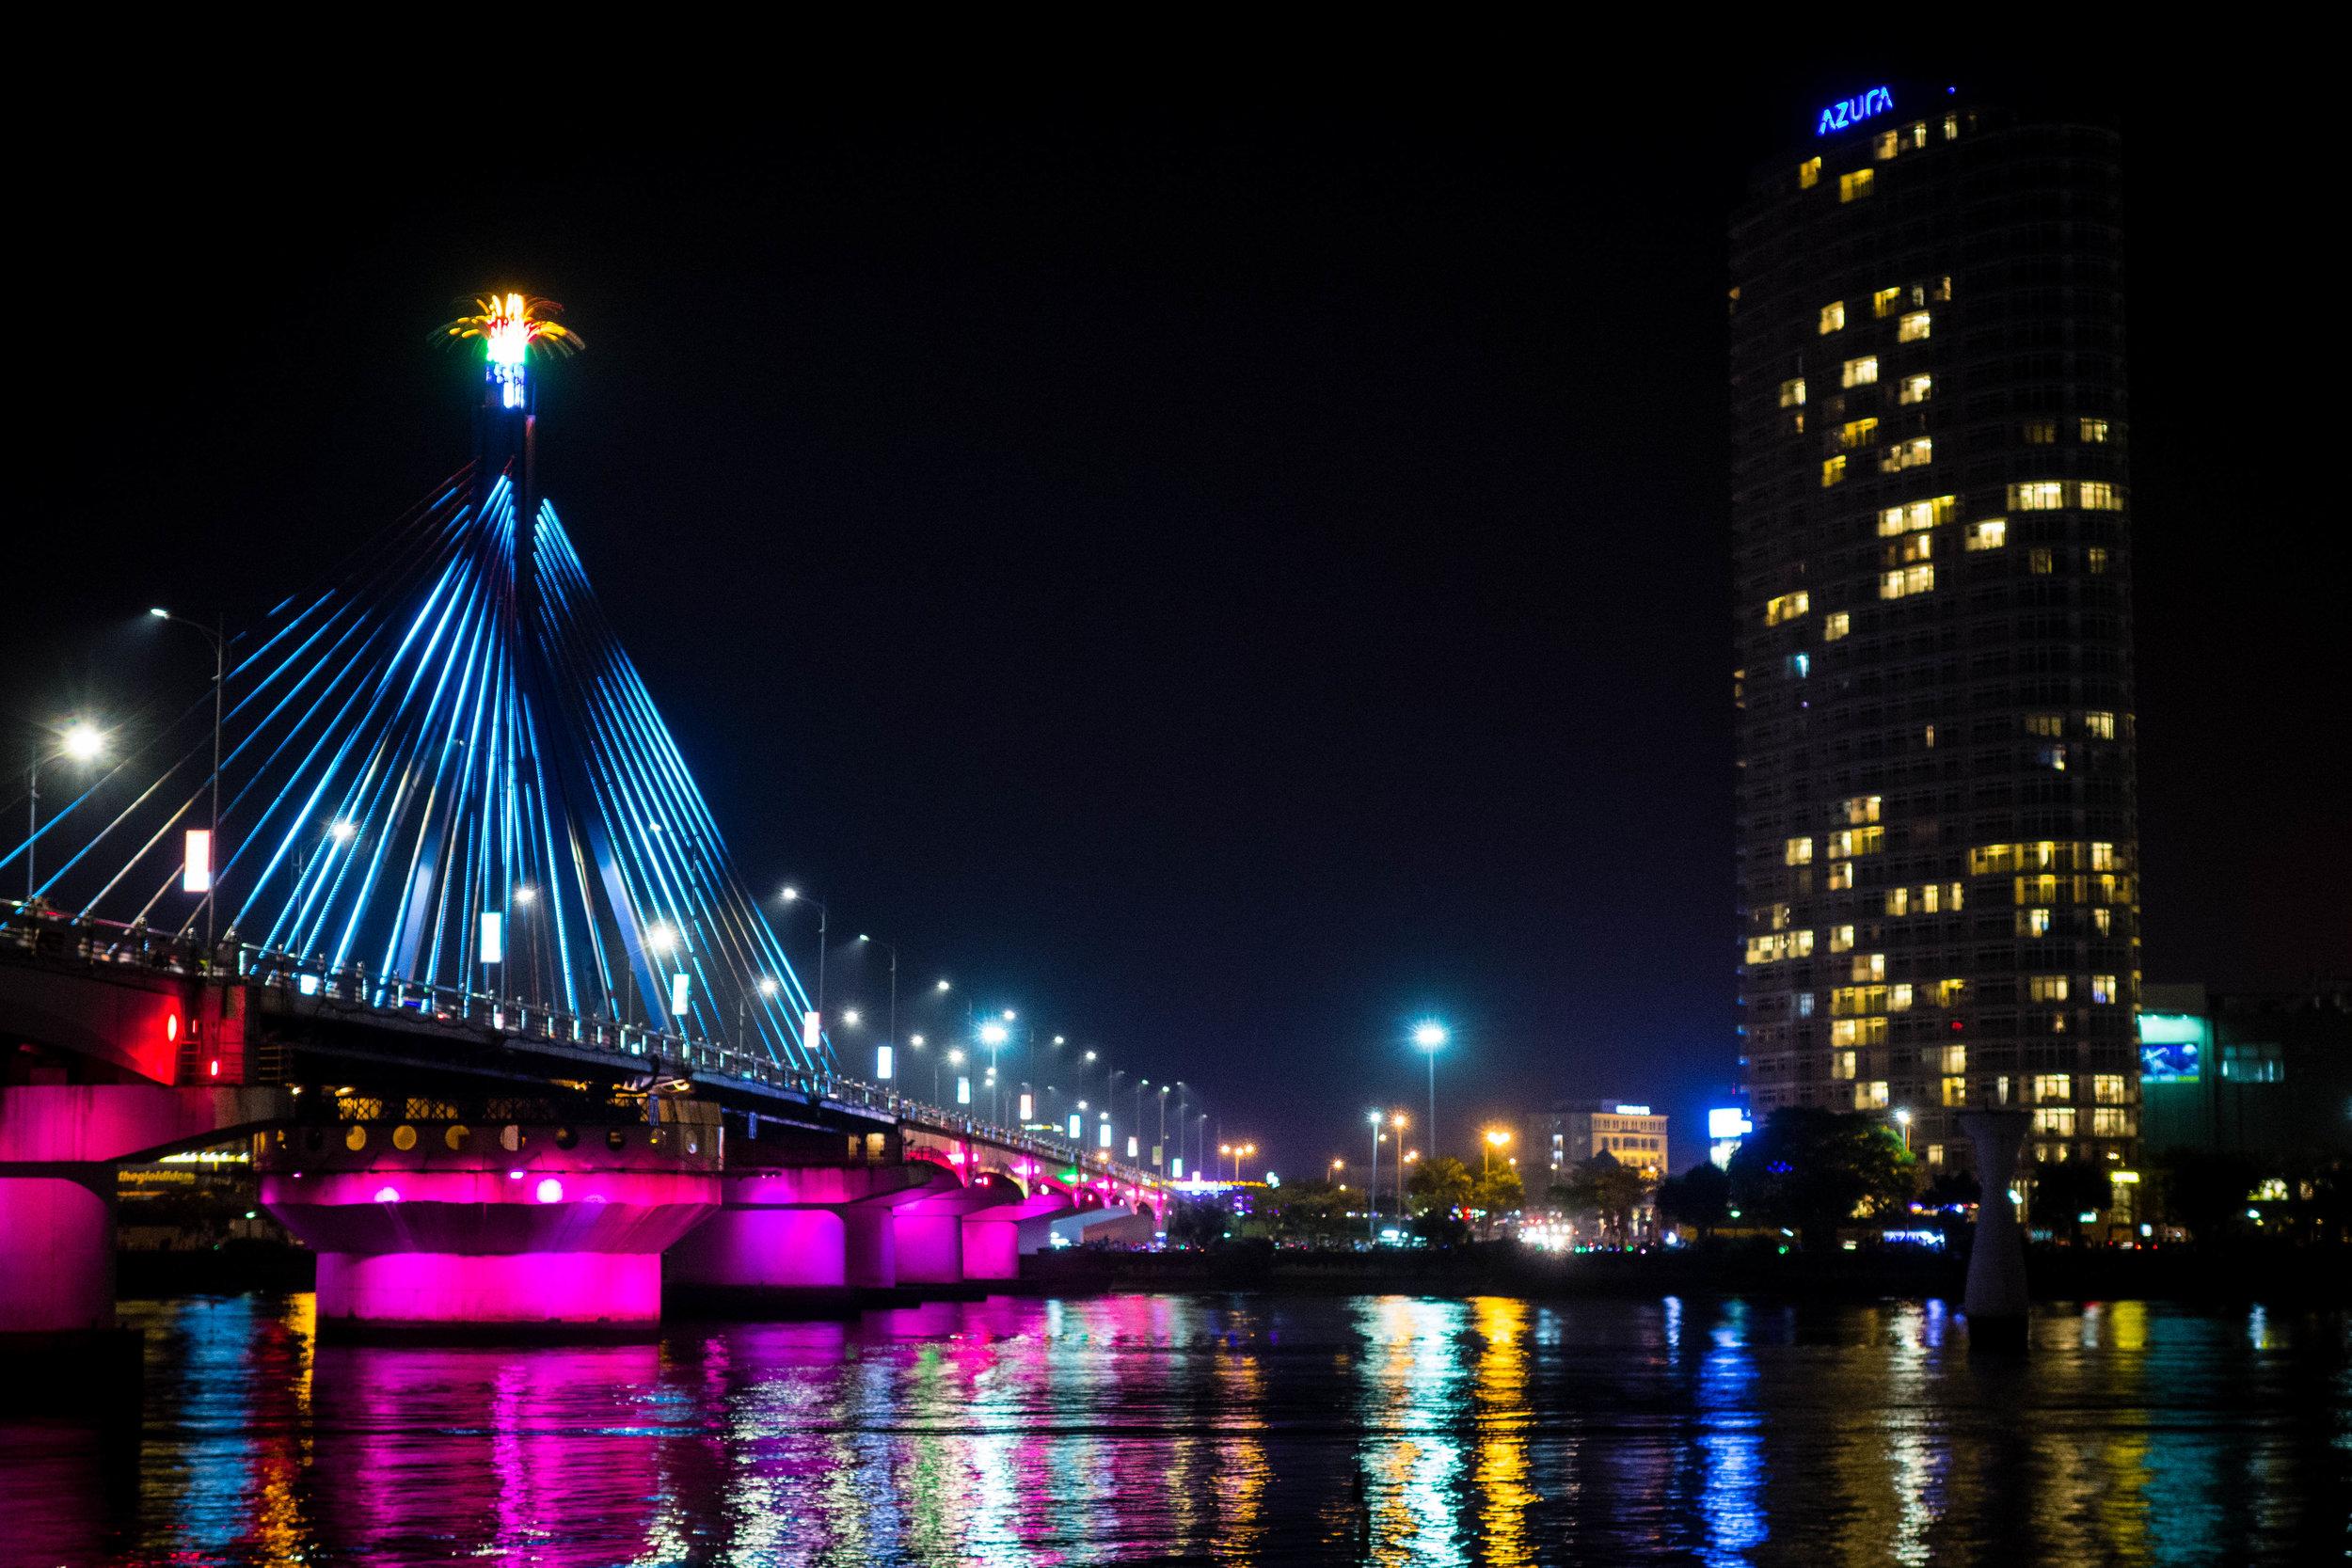 Nightime in DaNang